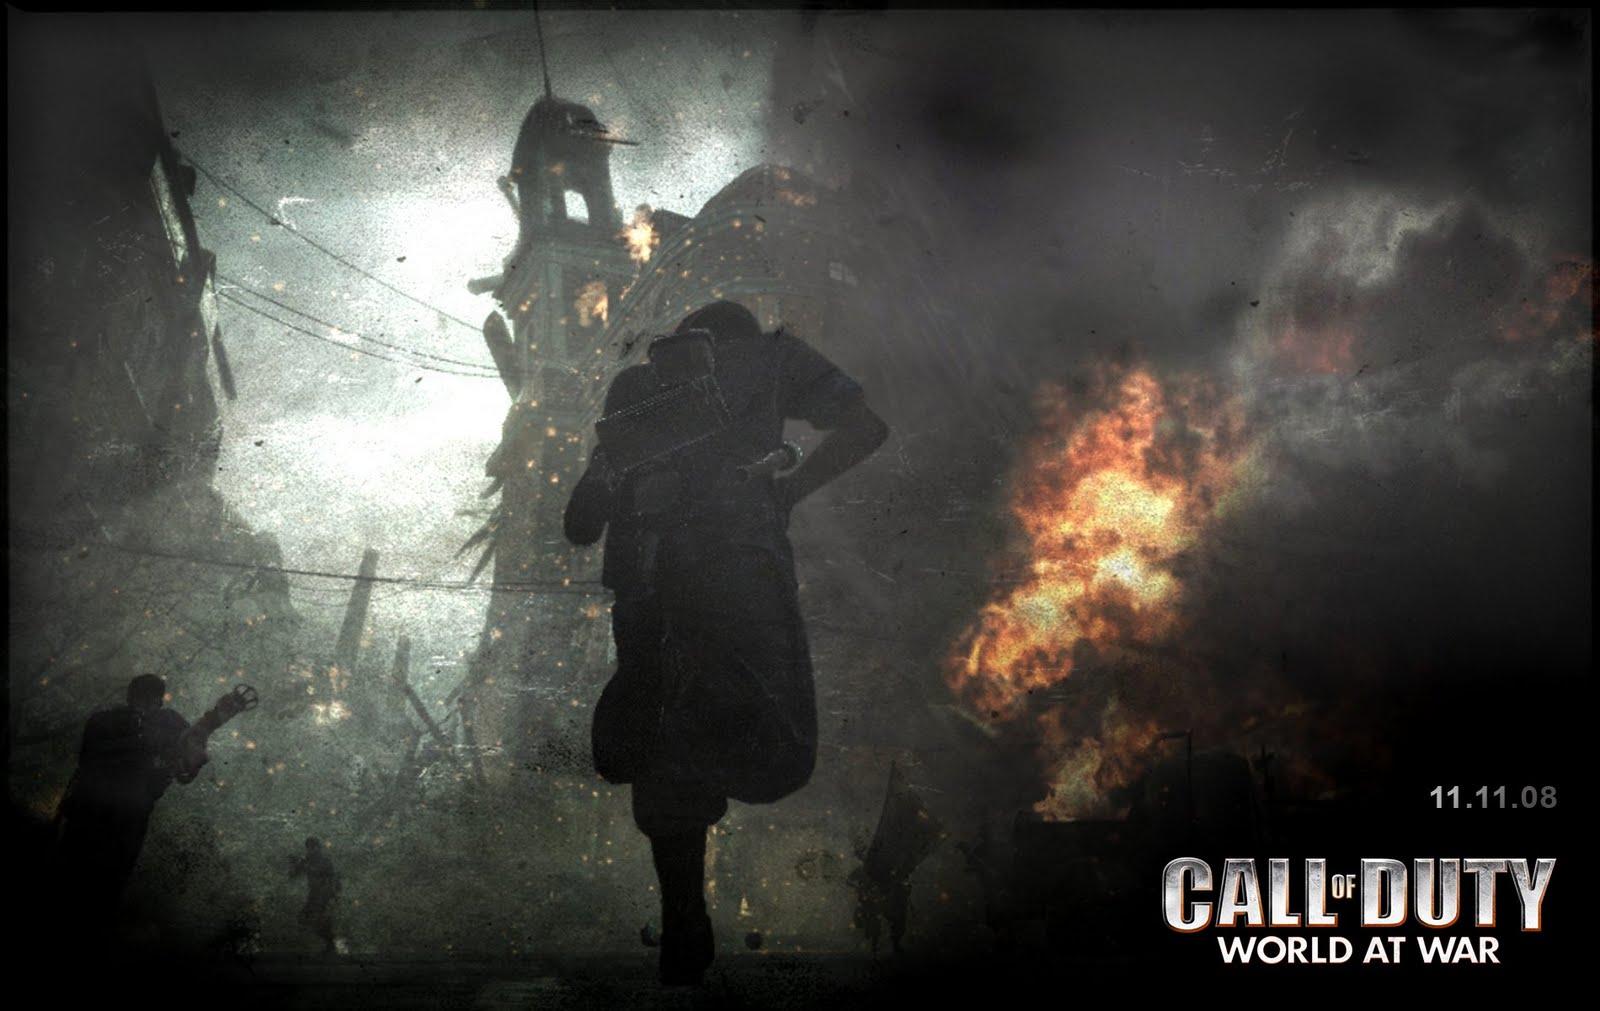 Call Of Duty World At War Wallpaper: Wallpaper Collections: Call Of Duty World At War Wallpaper Hd